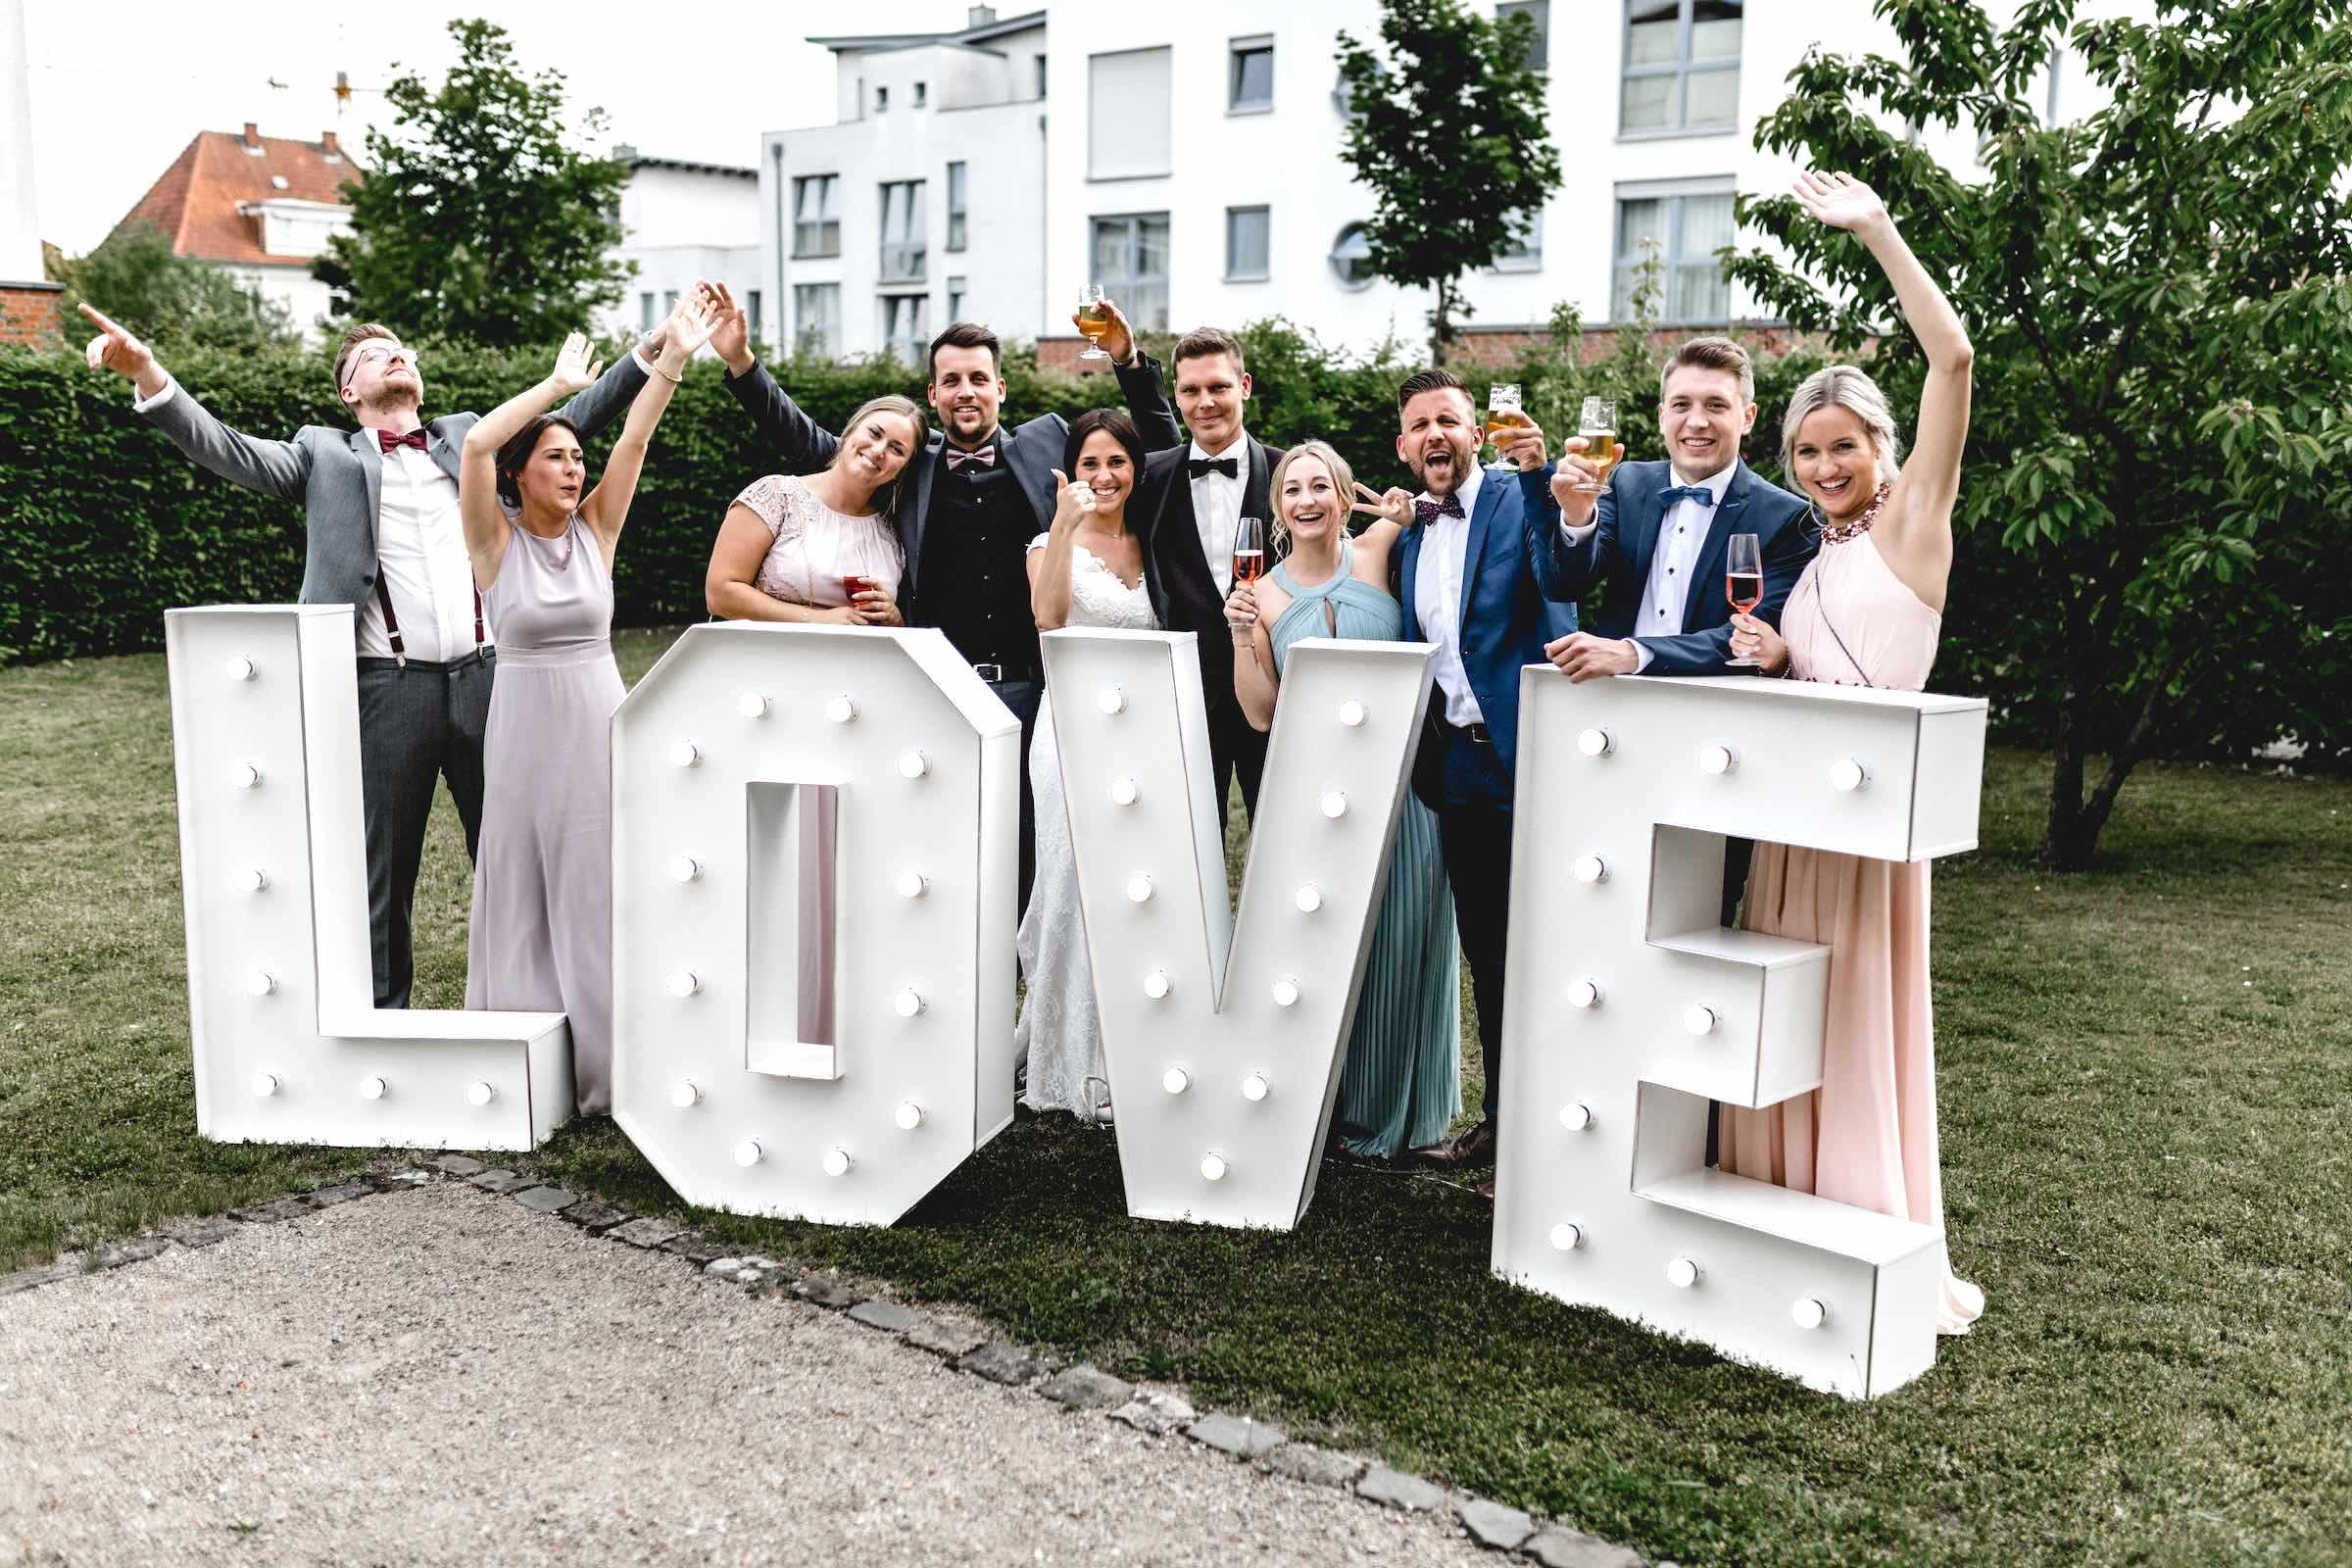 Leuchtbuchstaben | Hochzeit | LED | Buchstaben | Wedding | Beleuchtete | XXL | Holz | Love | Hannover | Quertz | Buchen | Anfragen | Mieten | Lehmann | Eventservice